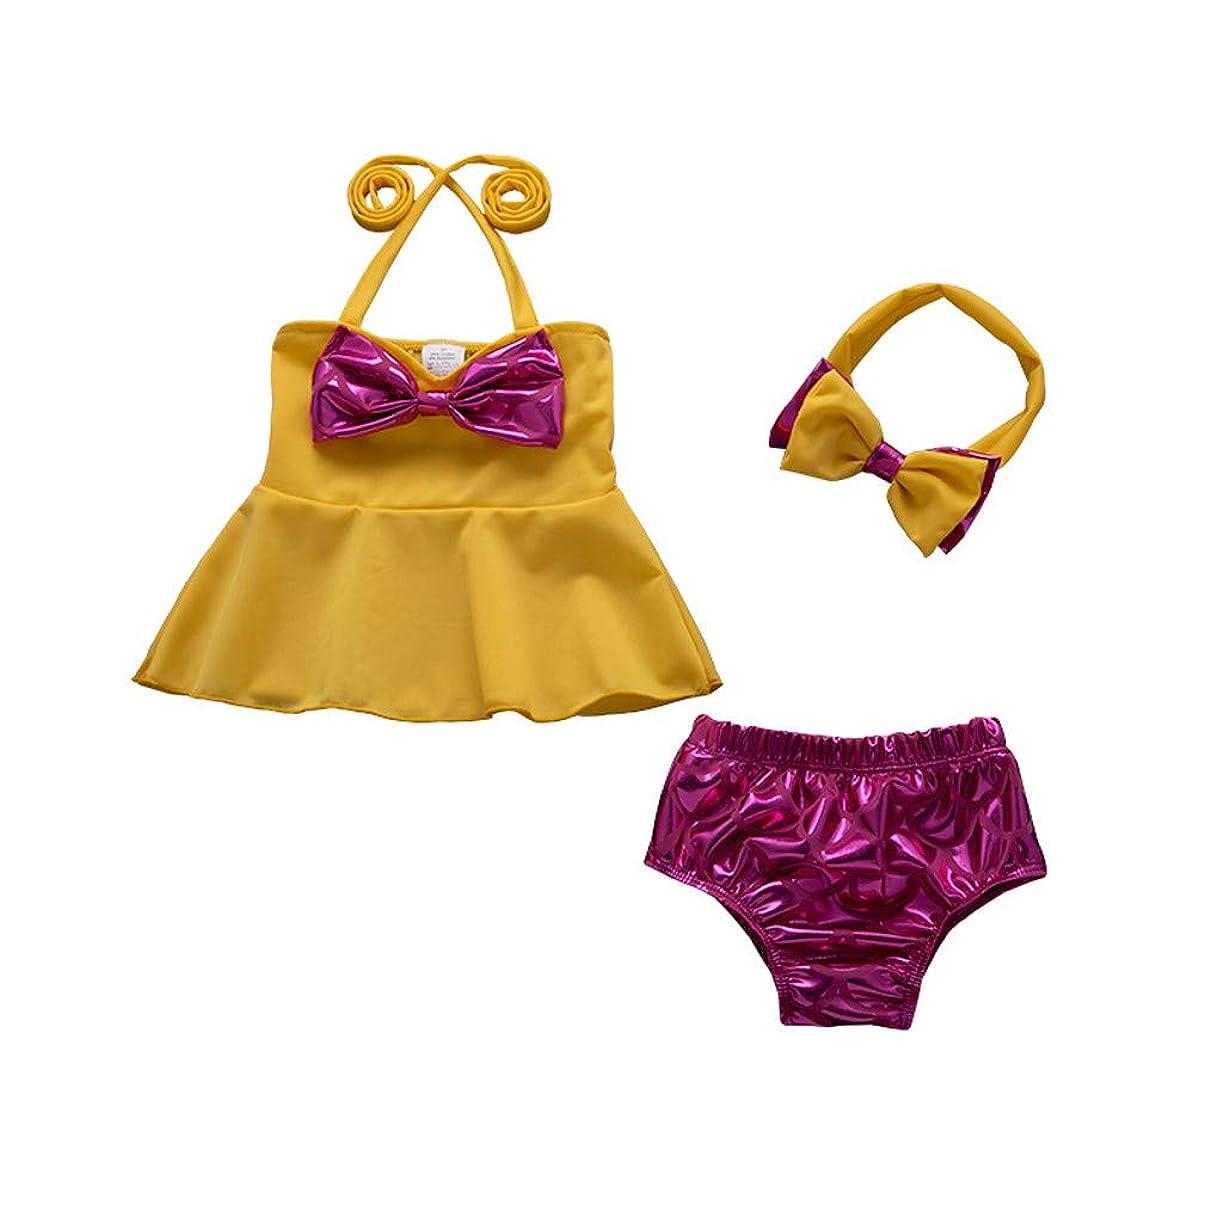 修羅場側溝かすかな幼児の女の子のビキニソリッドカラーフリル蝶結びスリング分割水着かわいい通気性のビーチウェア